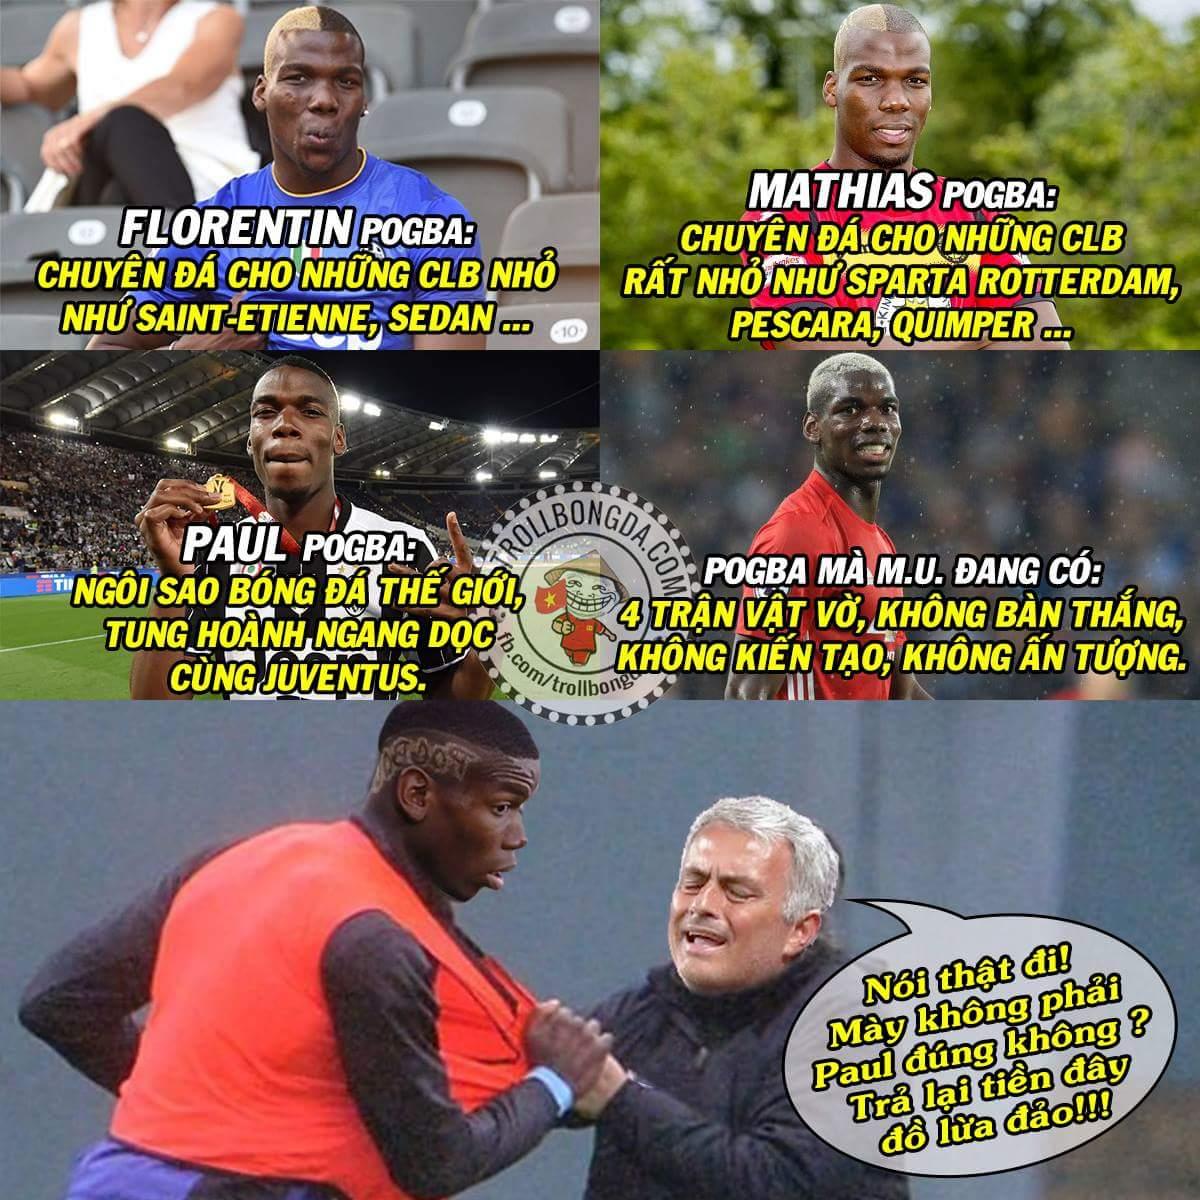 Phát này ăn quả lừa mua nhầm hàng rồi bác Mou ơi!!! :v Pogba có 2 ông anh nữa cơ. :v ...